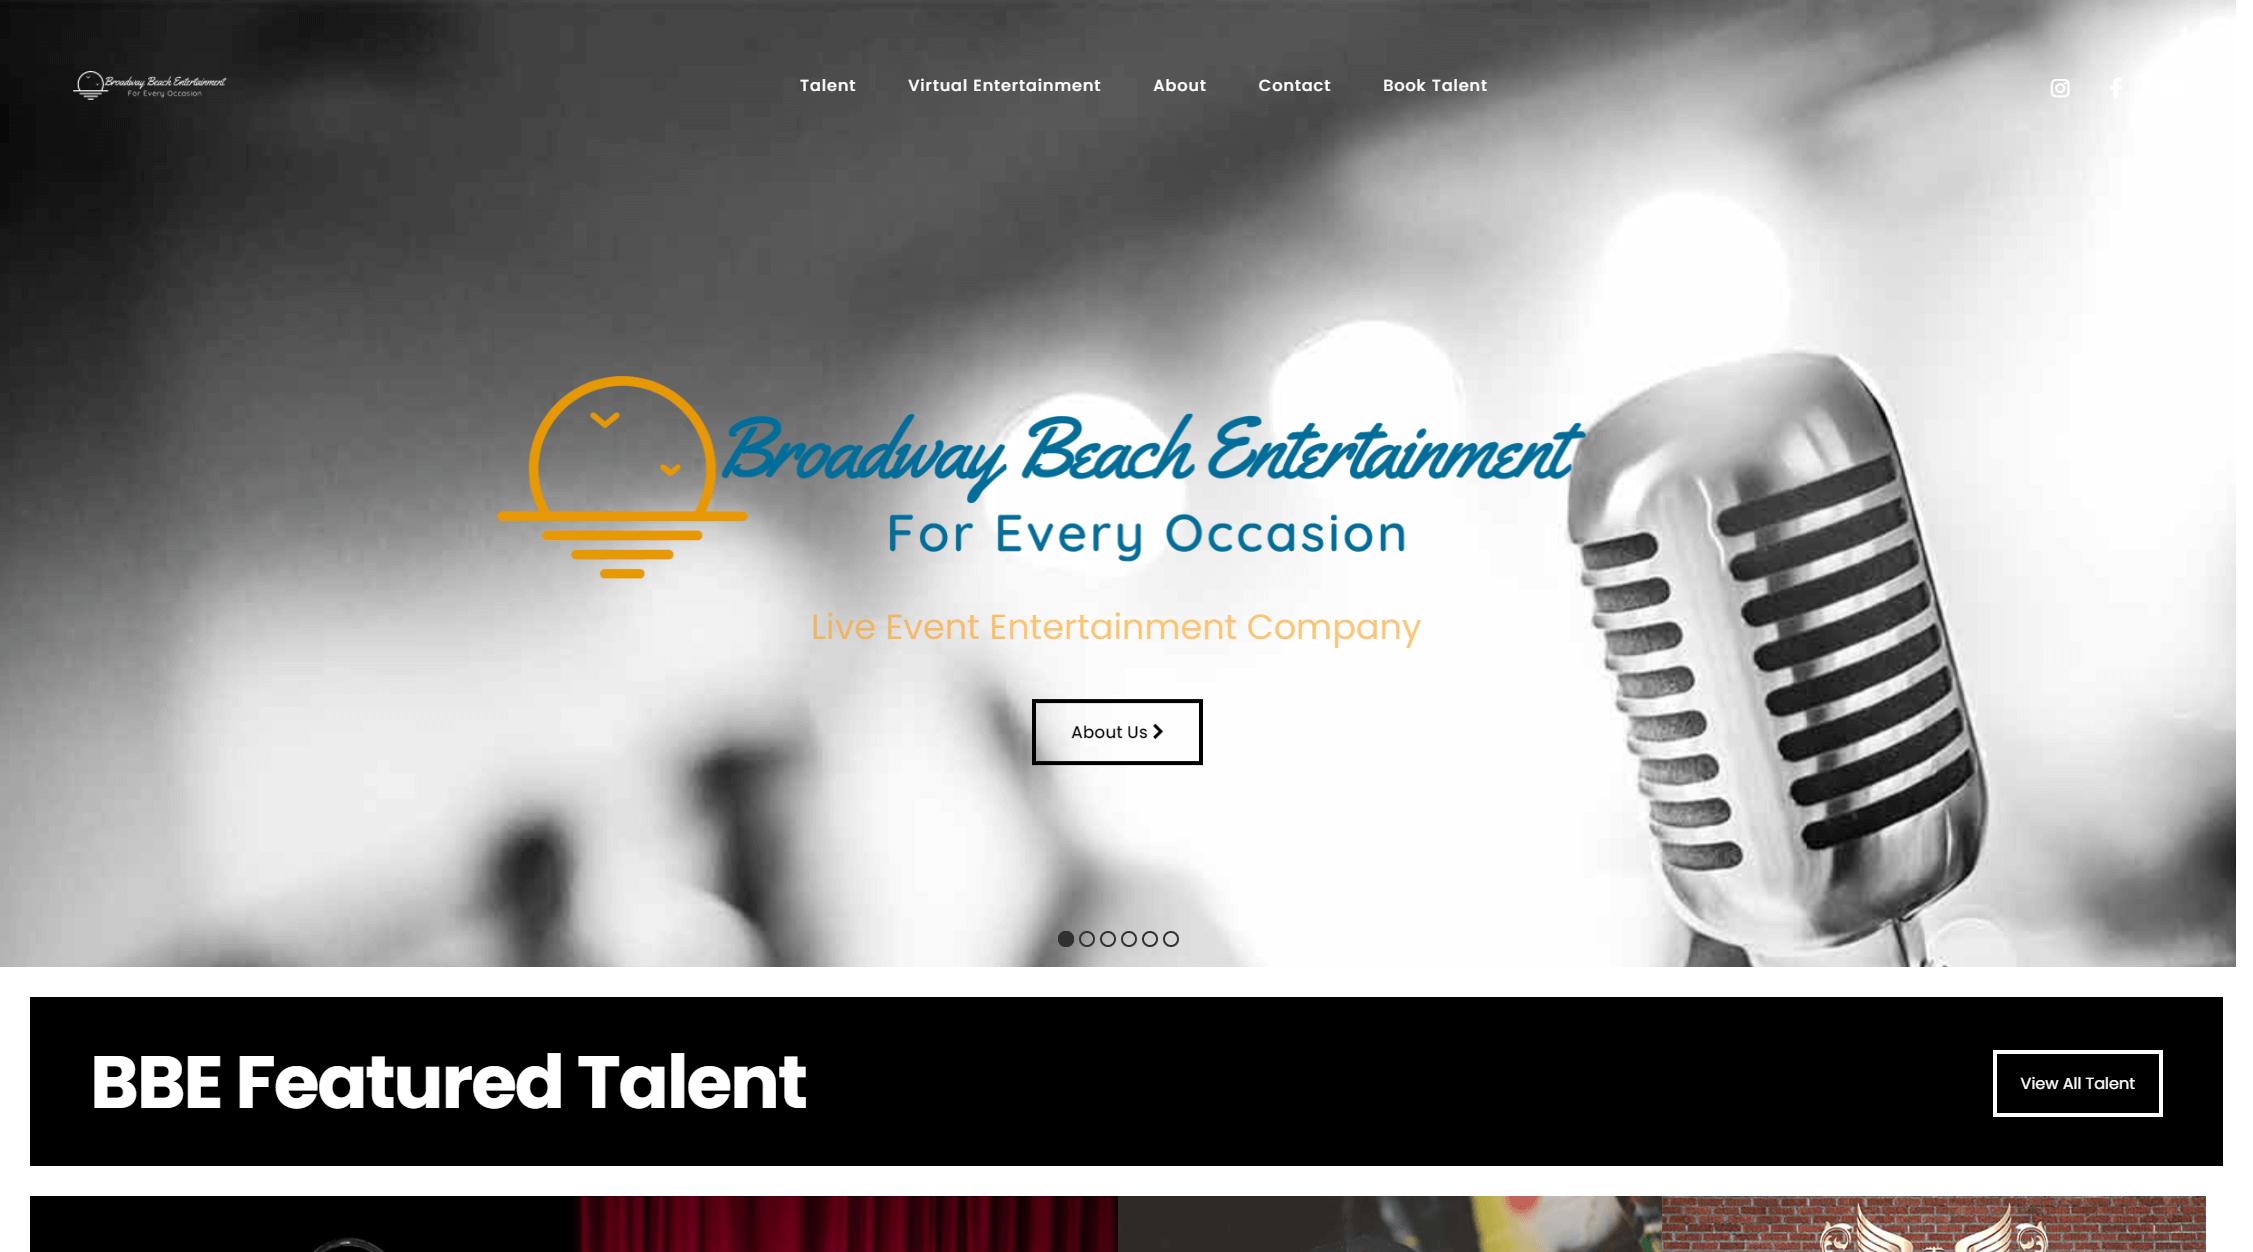 broadwaybeachentertainment.com